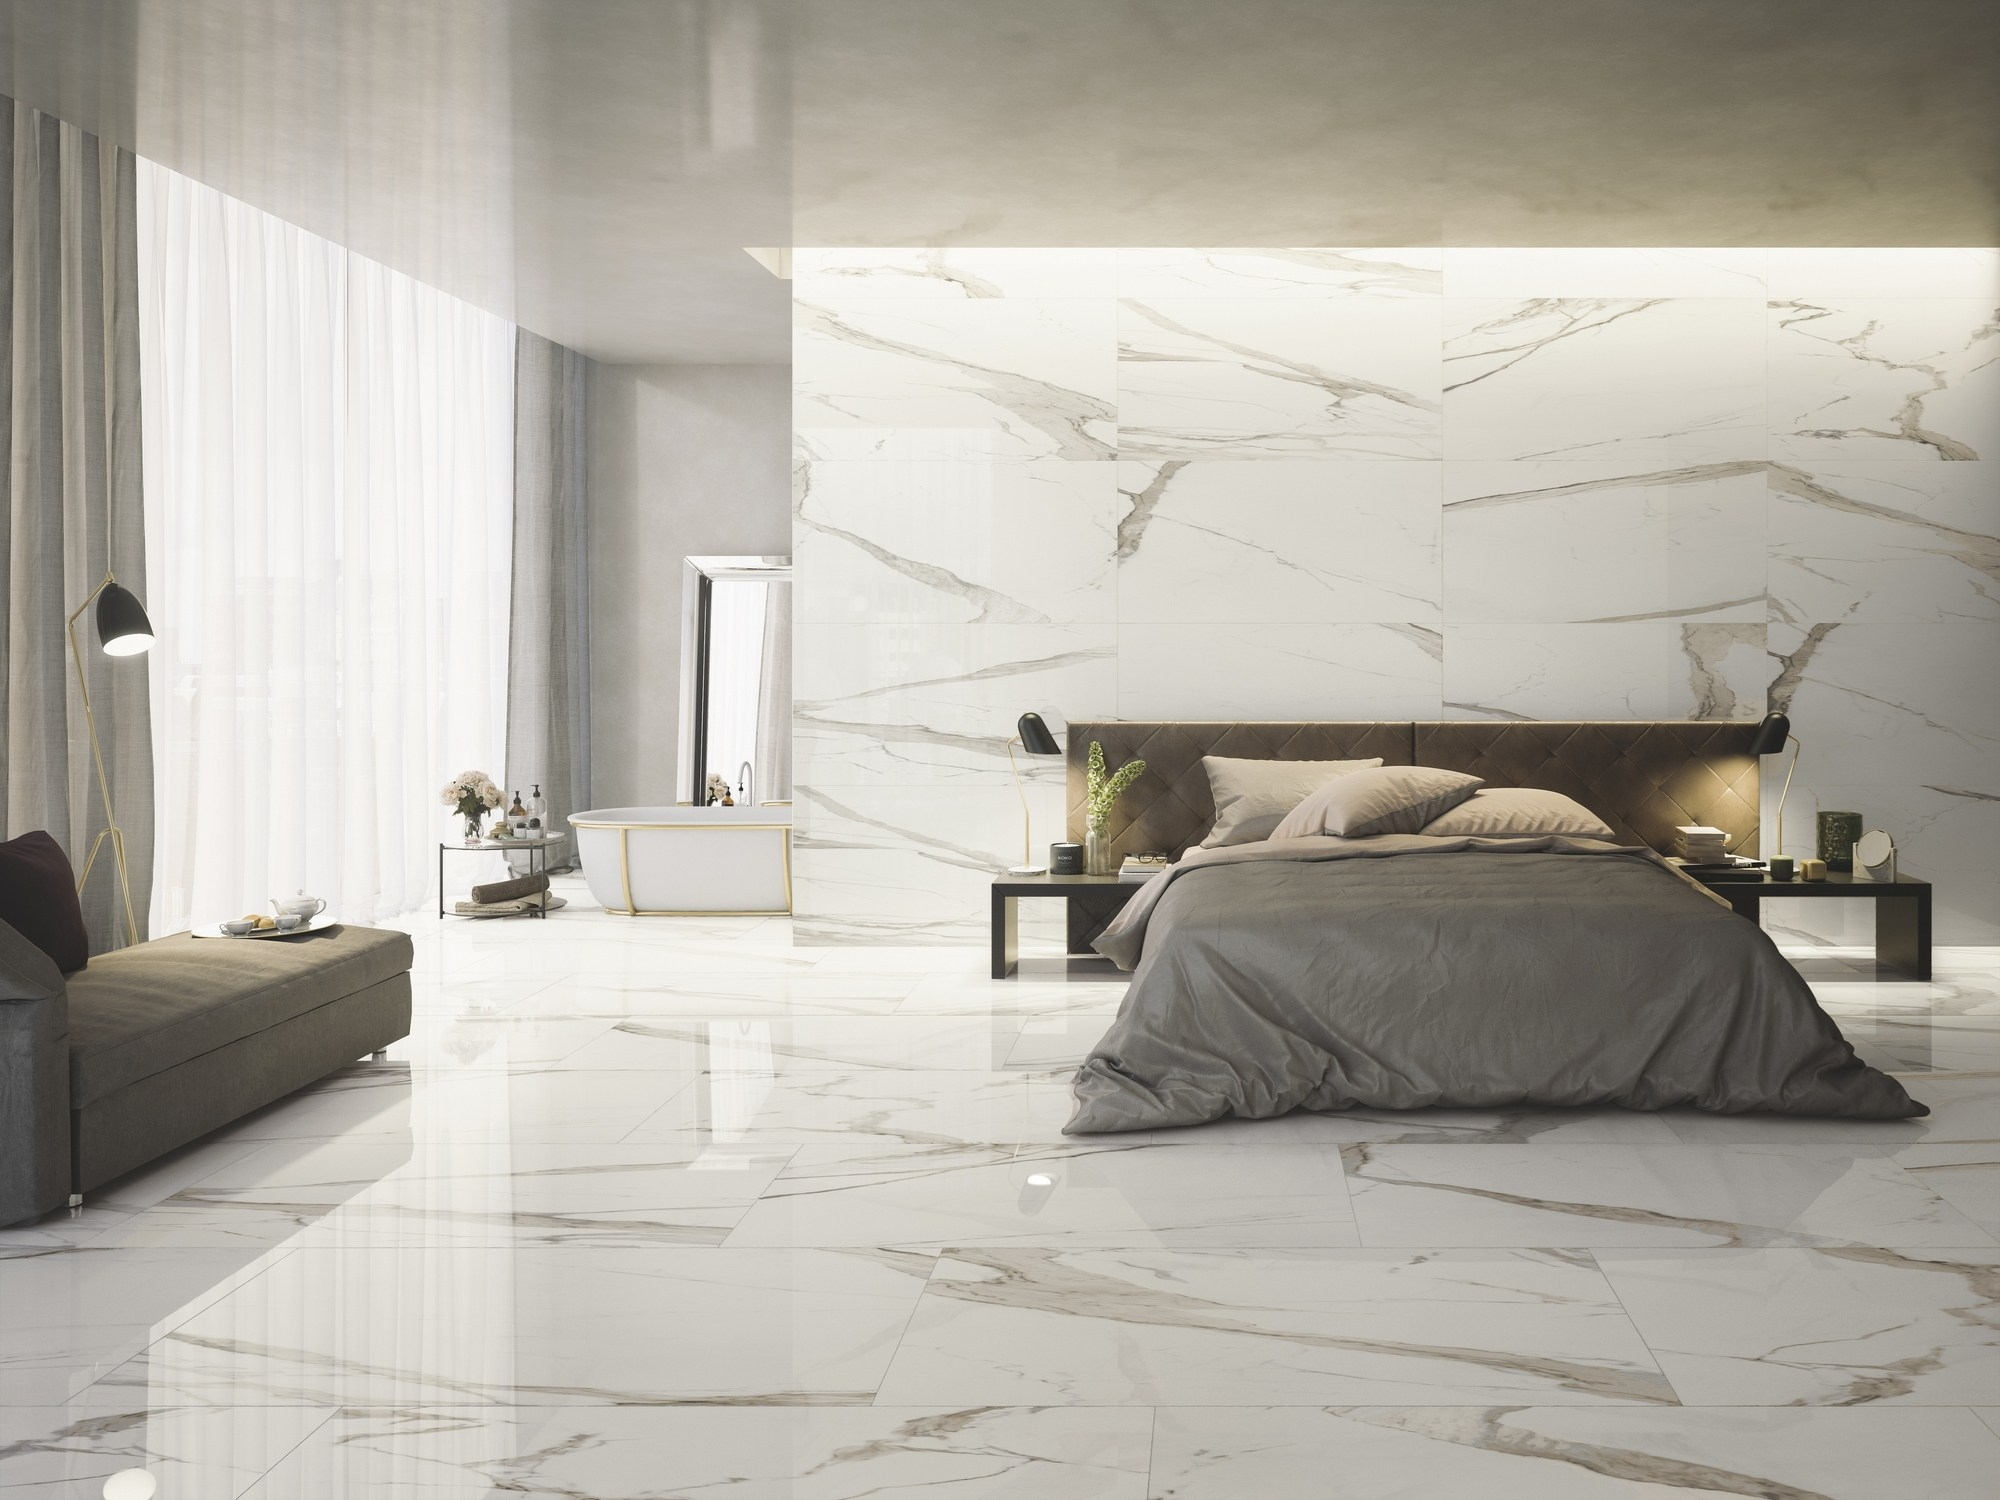 Pavimento rivestimento in gres porcellanato effetto marmo prestigio by ceramiche refin - Piastrelle gres porcellanato effetto marmo ...